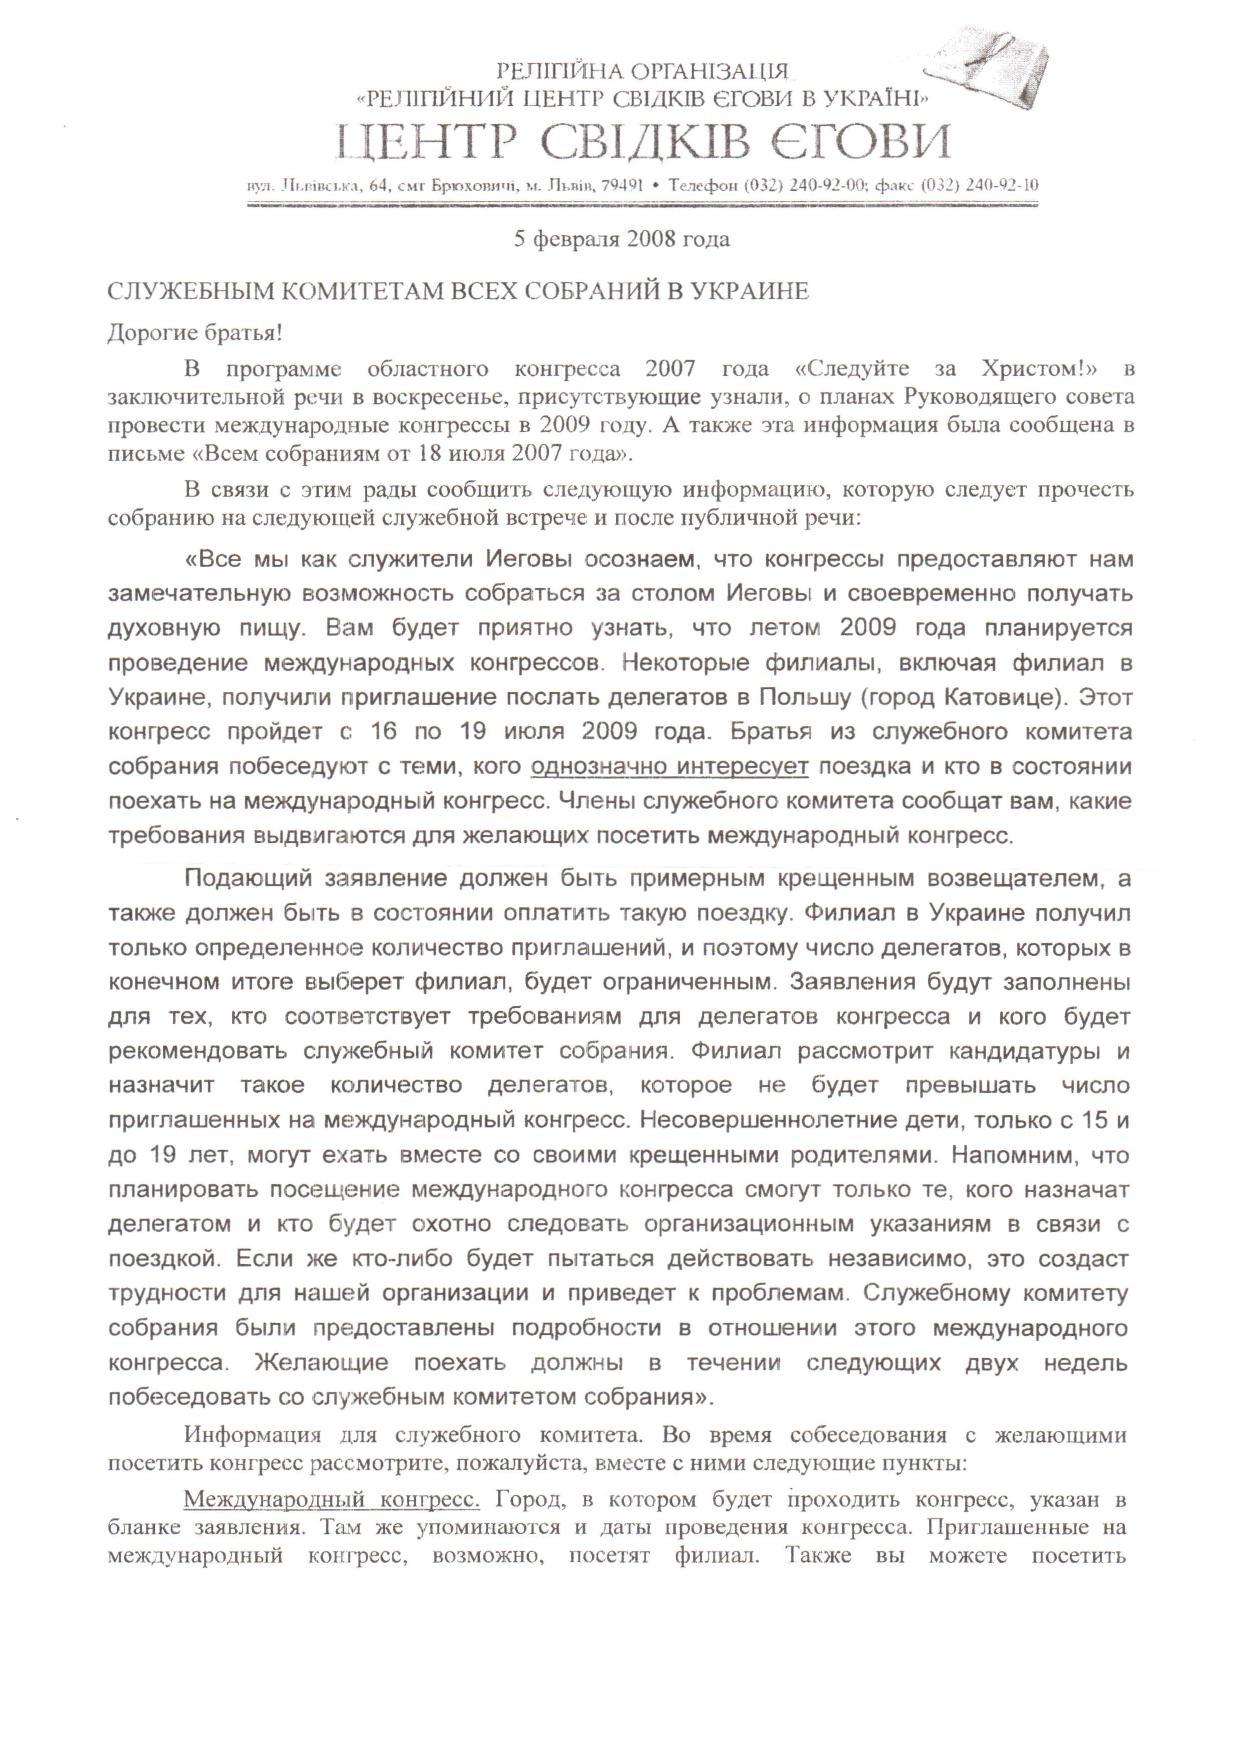 2008.02.05 (Фильтр для делегатов международных конгрессов)_000001